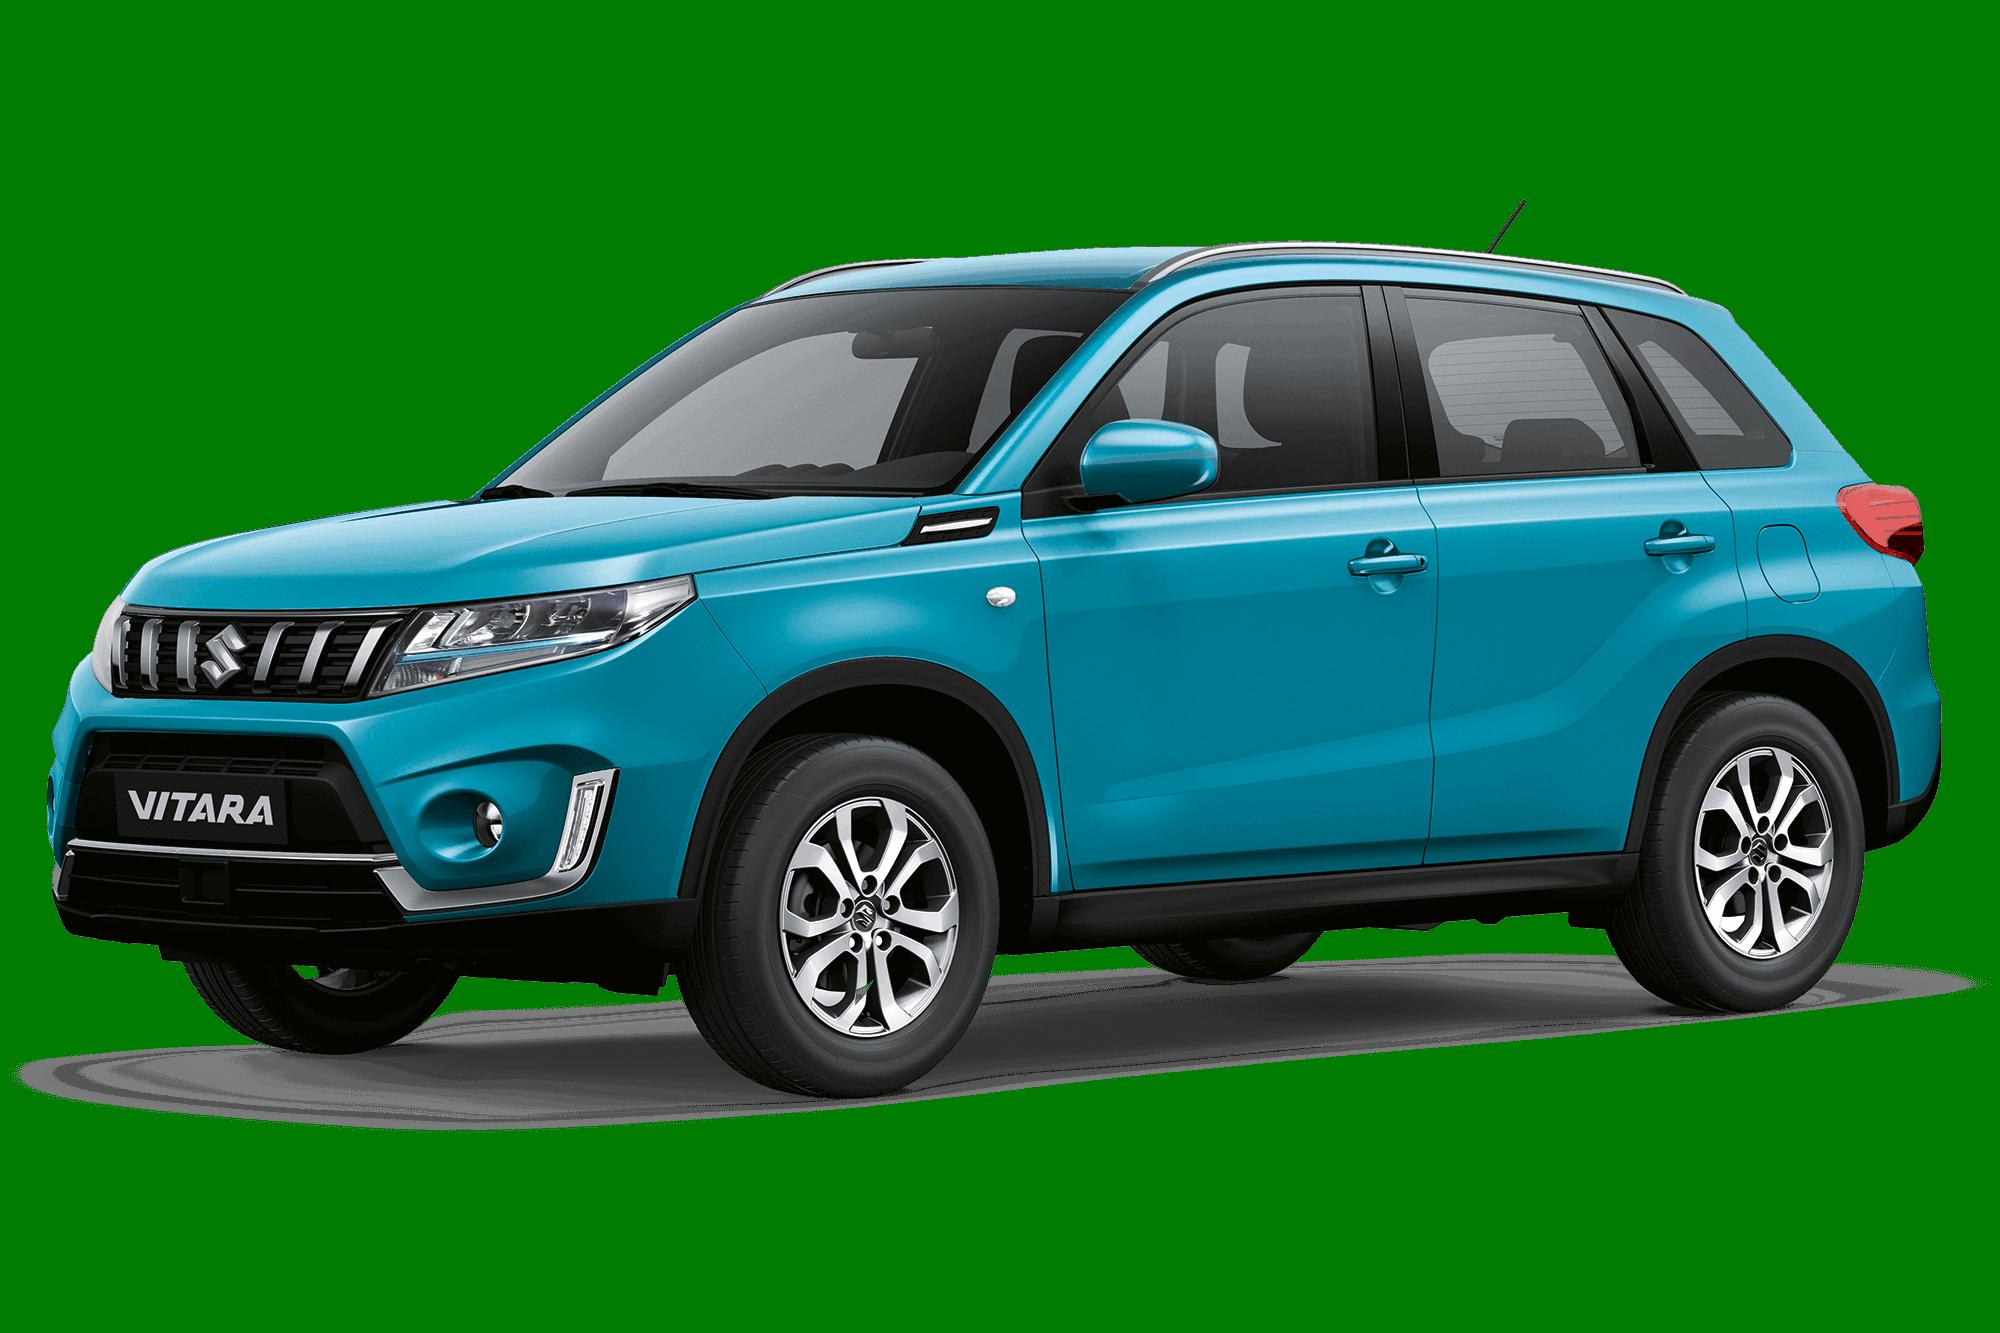 Suzuki Vitara Offers